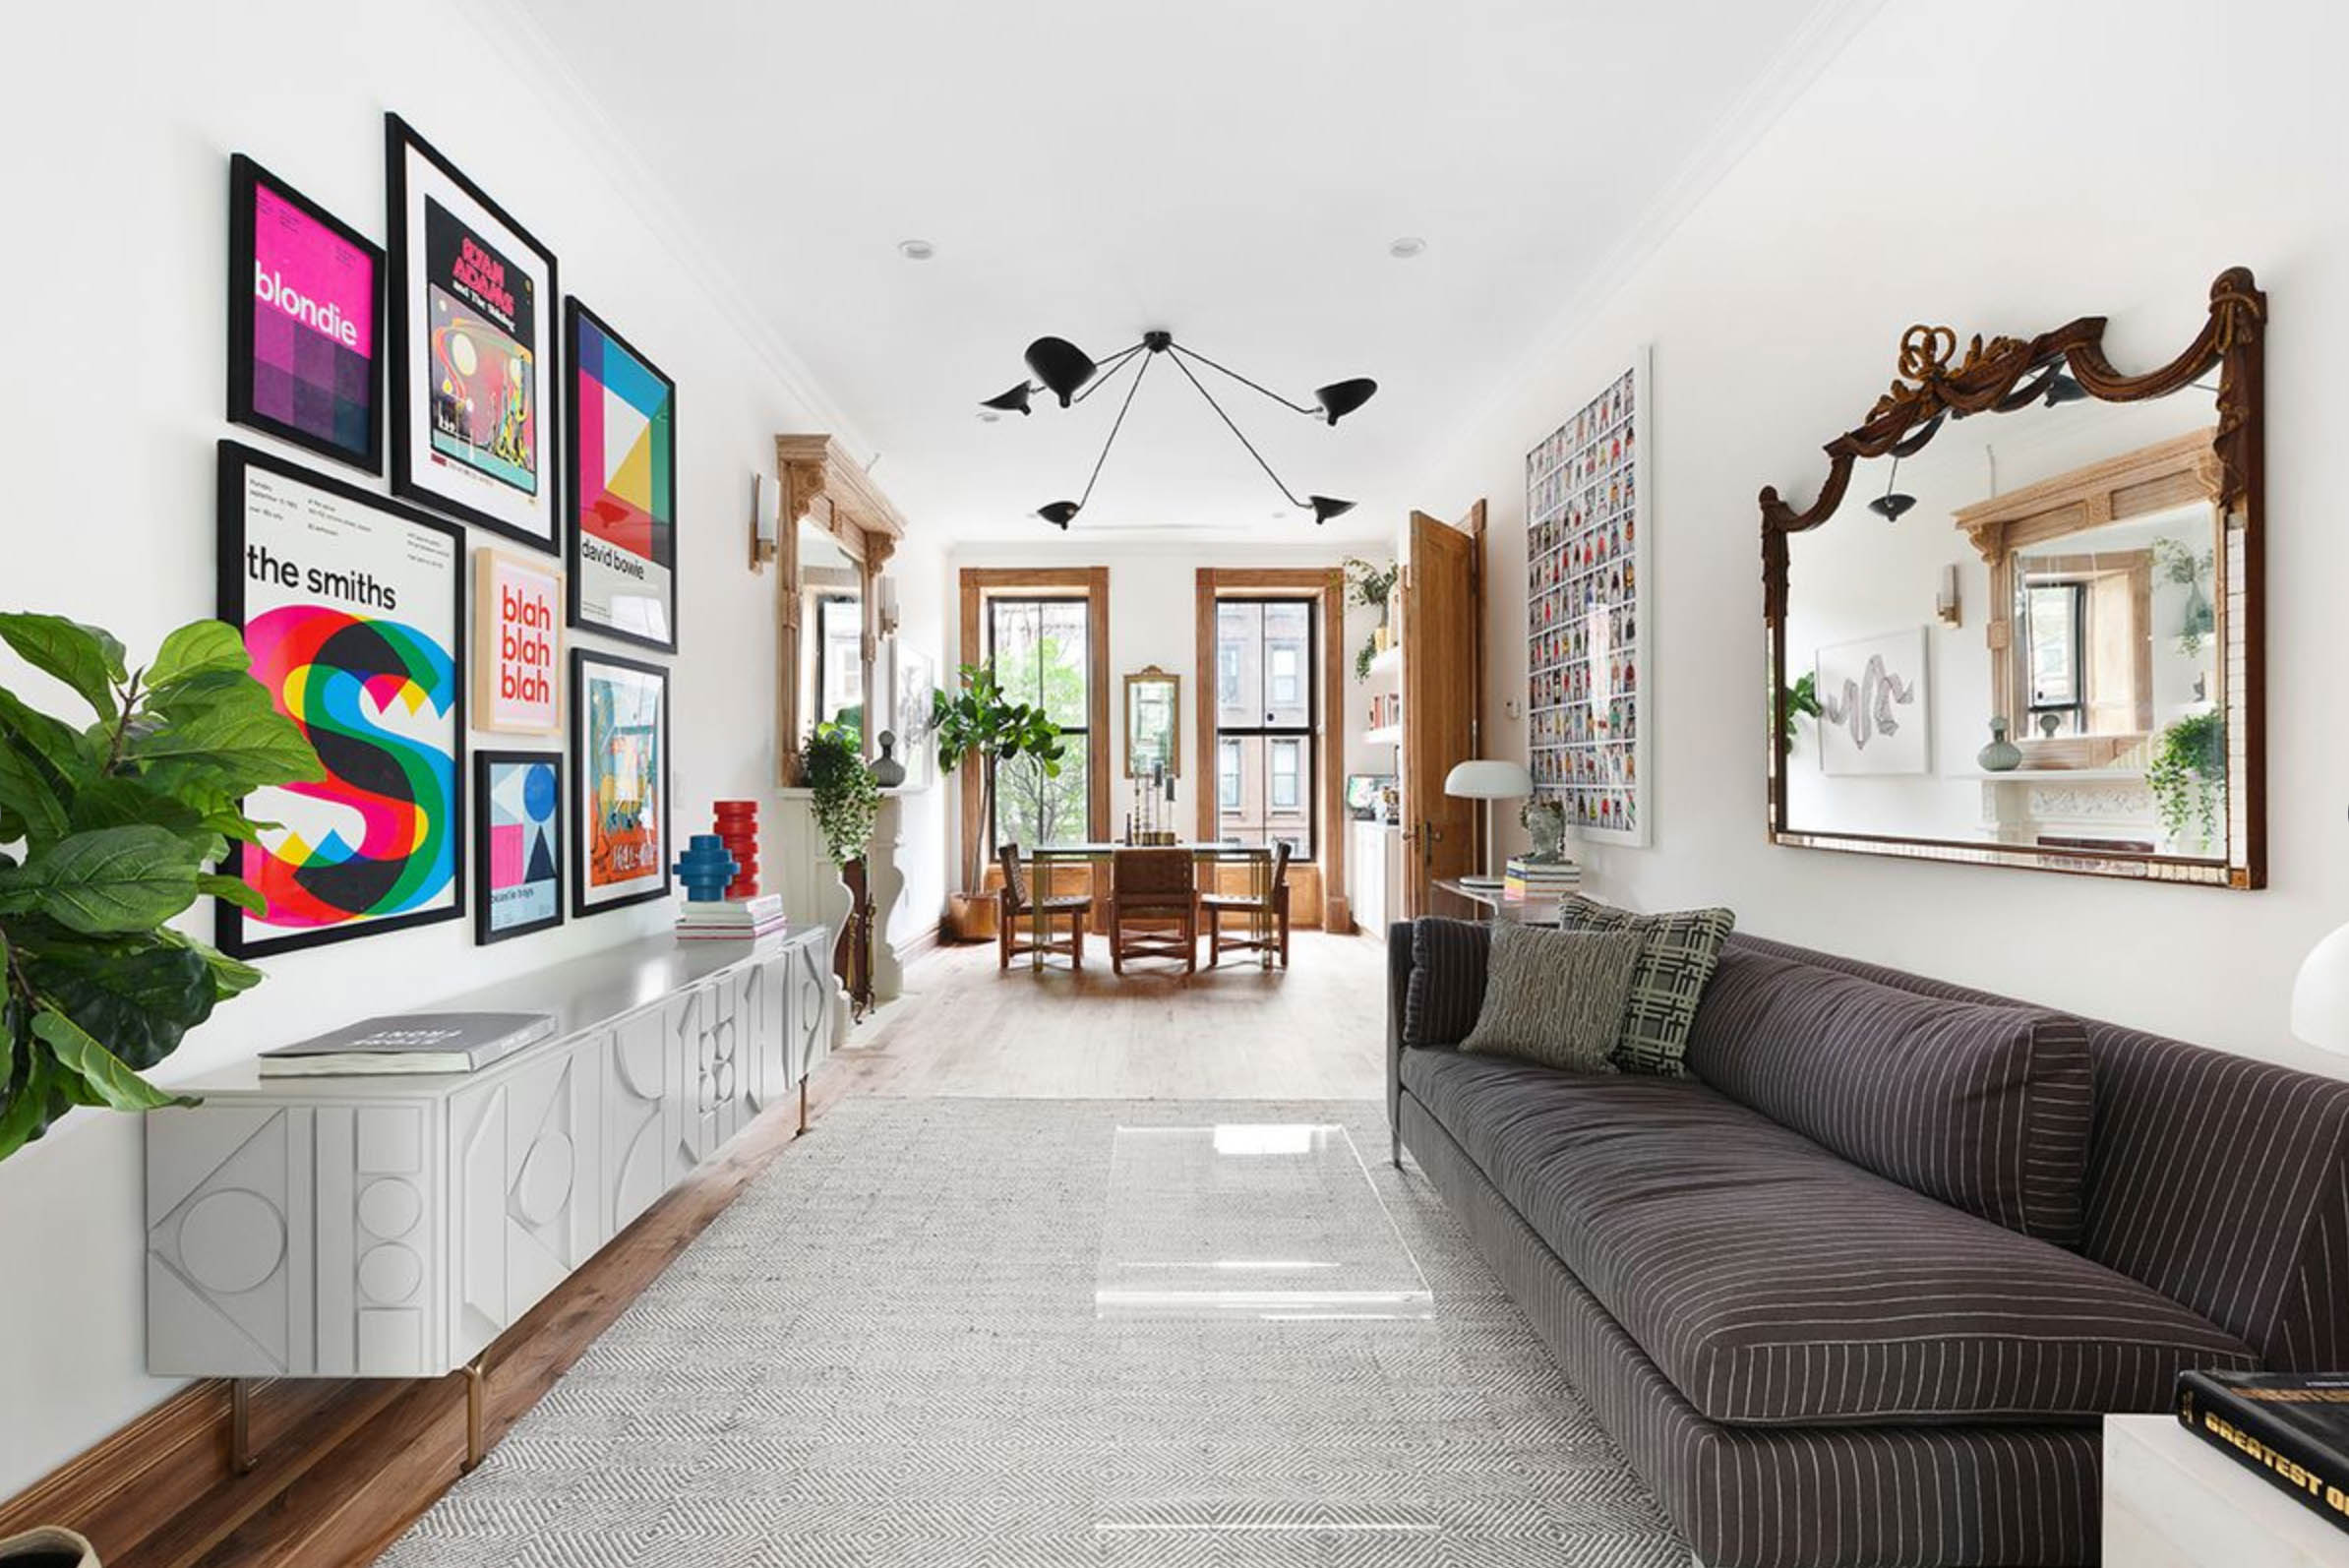 208 Van Buren - Bedstuy | Brooklyn    6 Bedroom // 5.5 Bath Days on Market — 113 Sold Price:    $2,300,000*